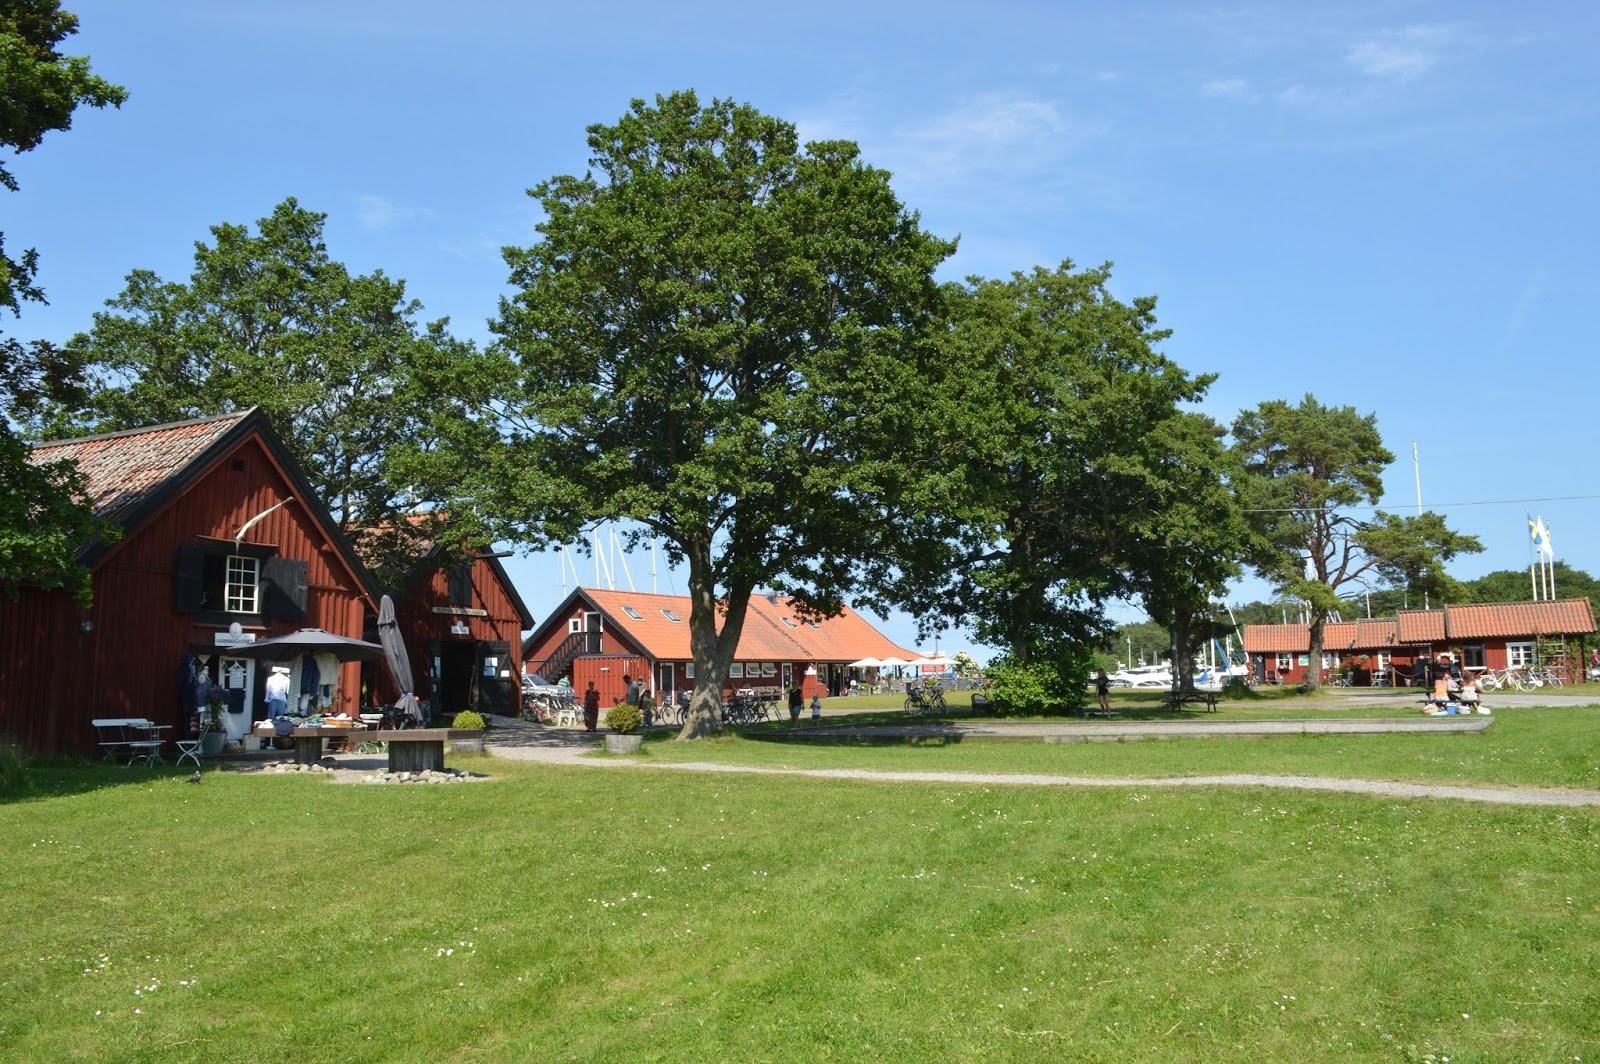 Gruvbryggan town on Utö island Stockholm archipelago, Utö Bageri